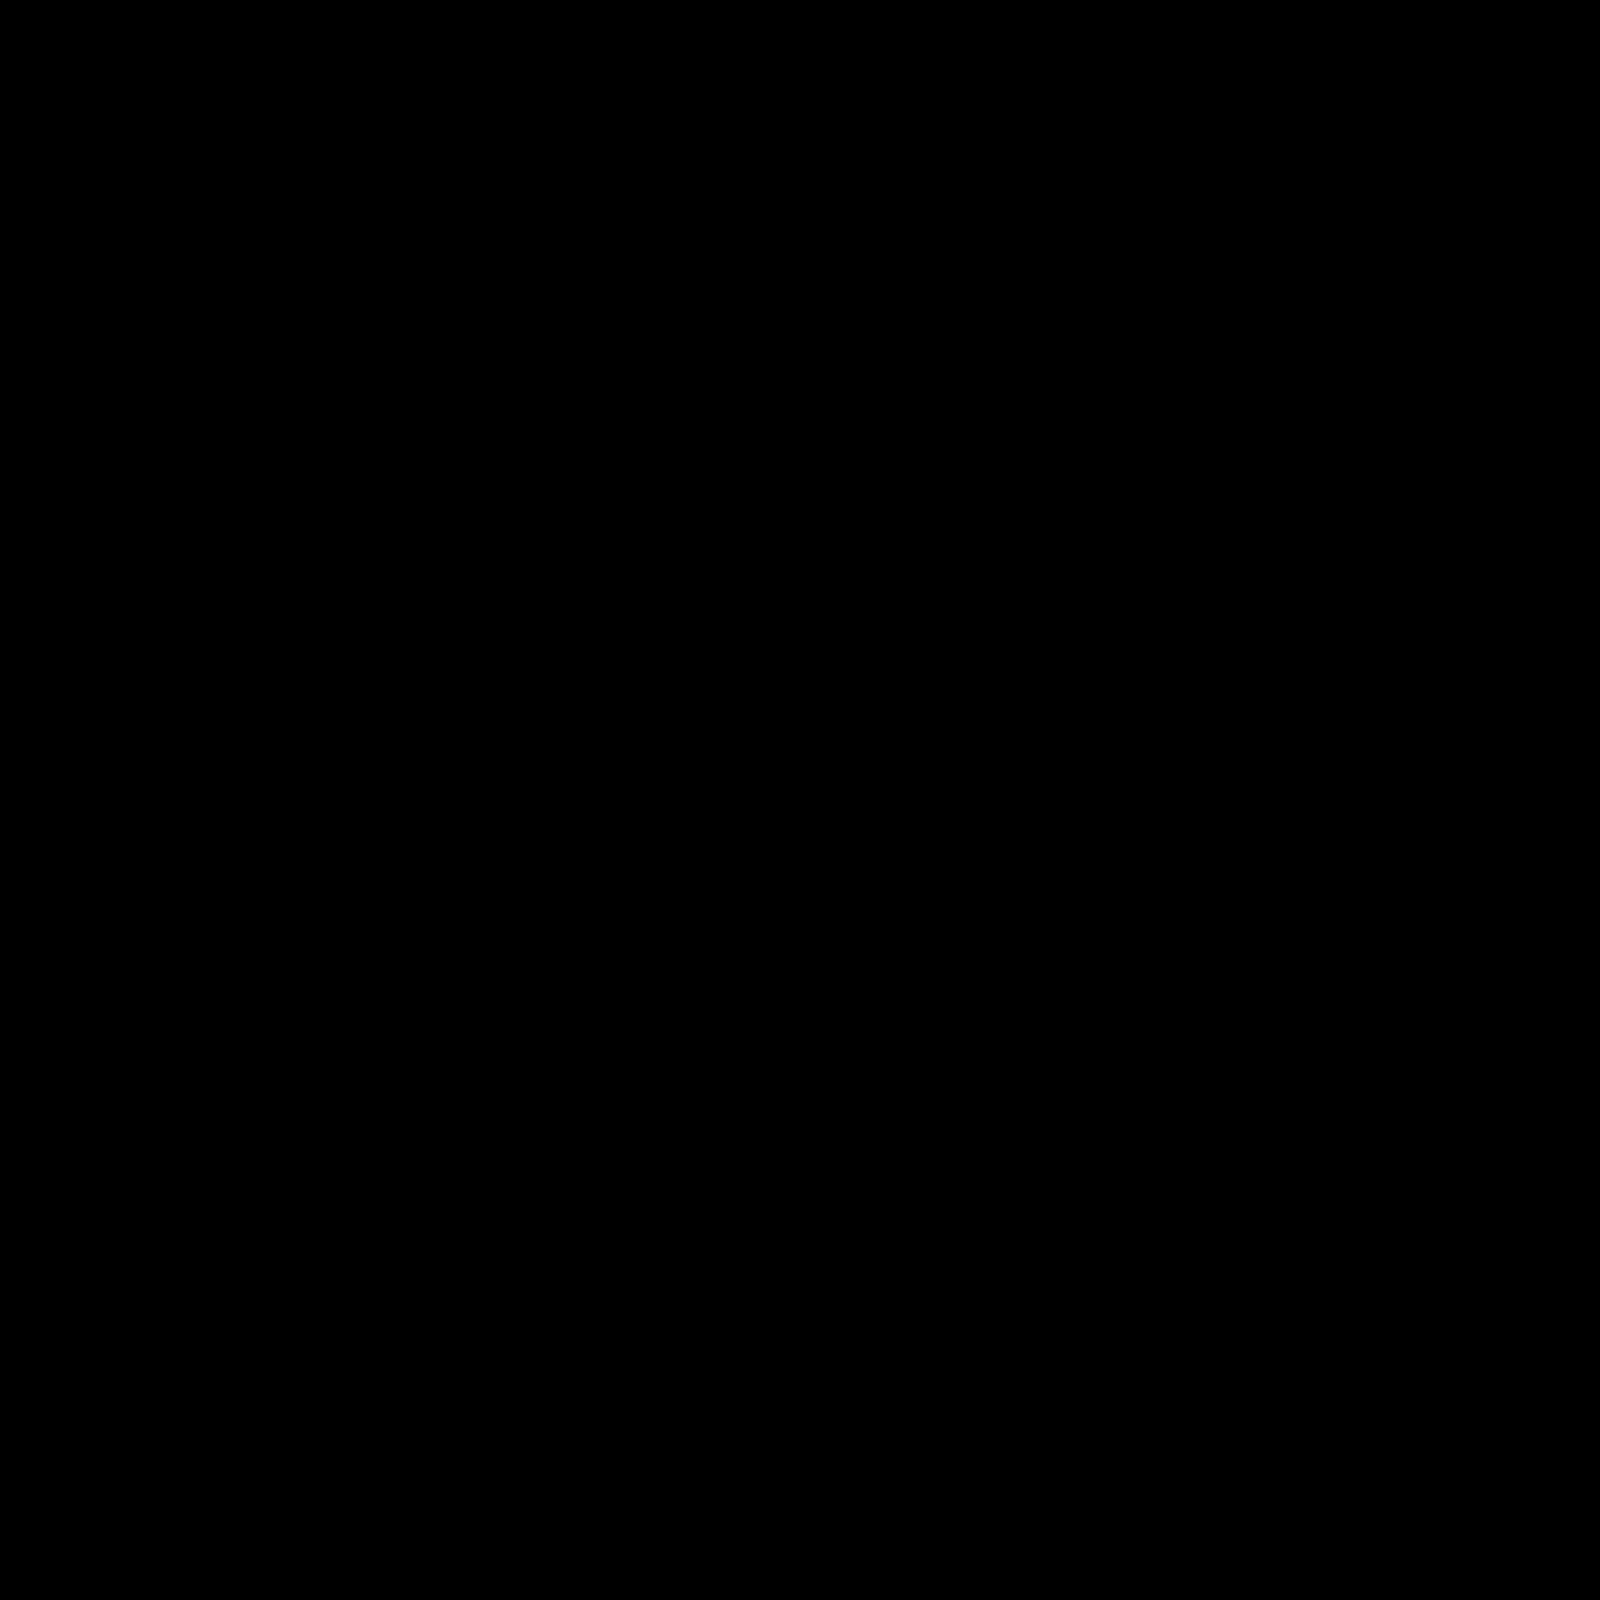 Performance Smartphone icon